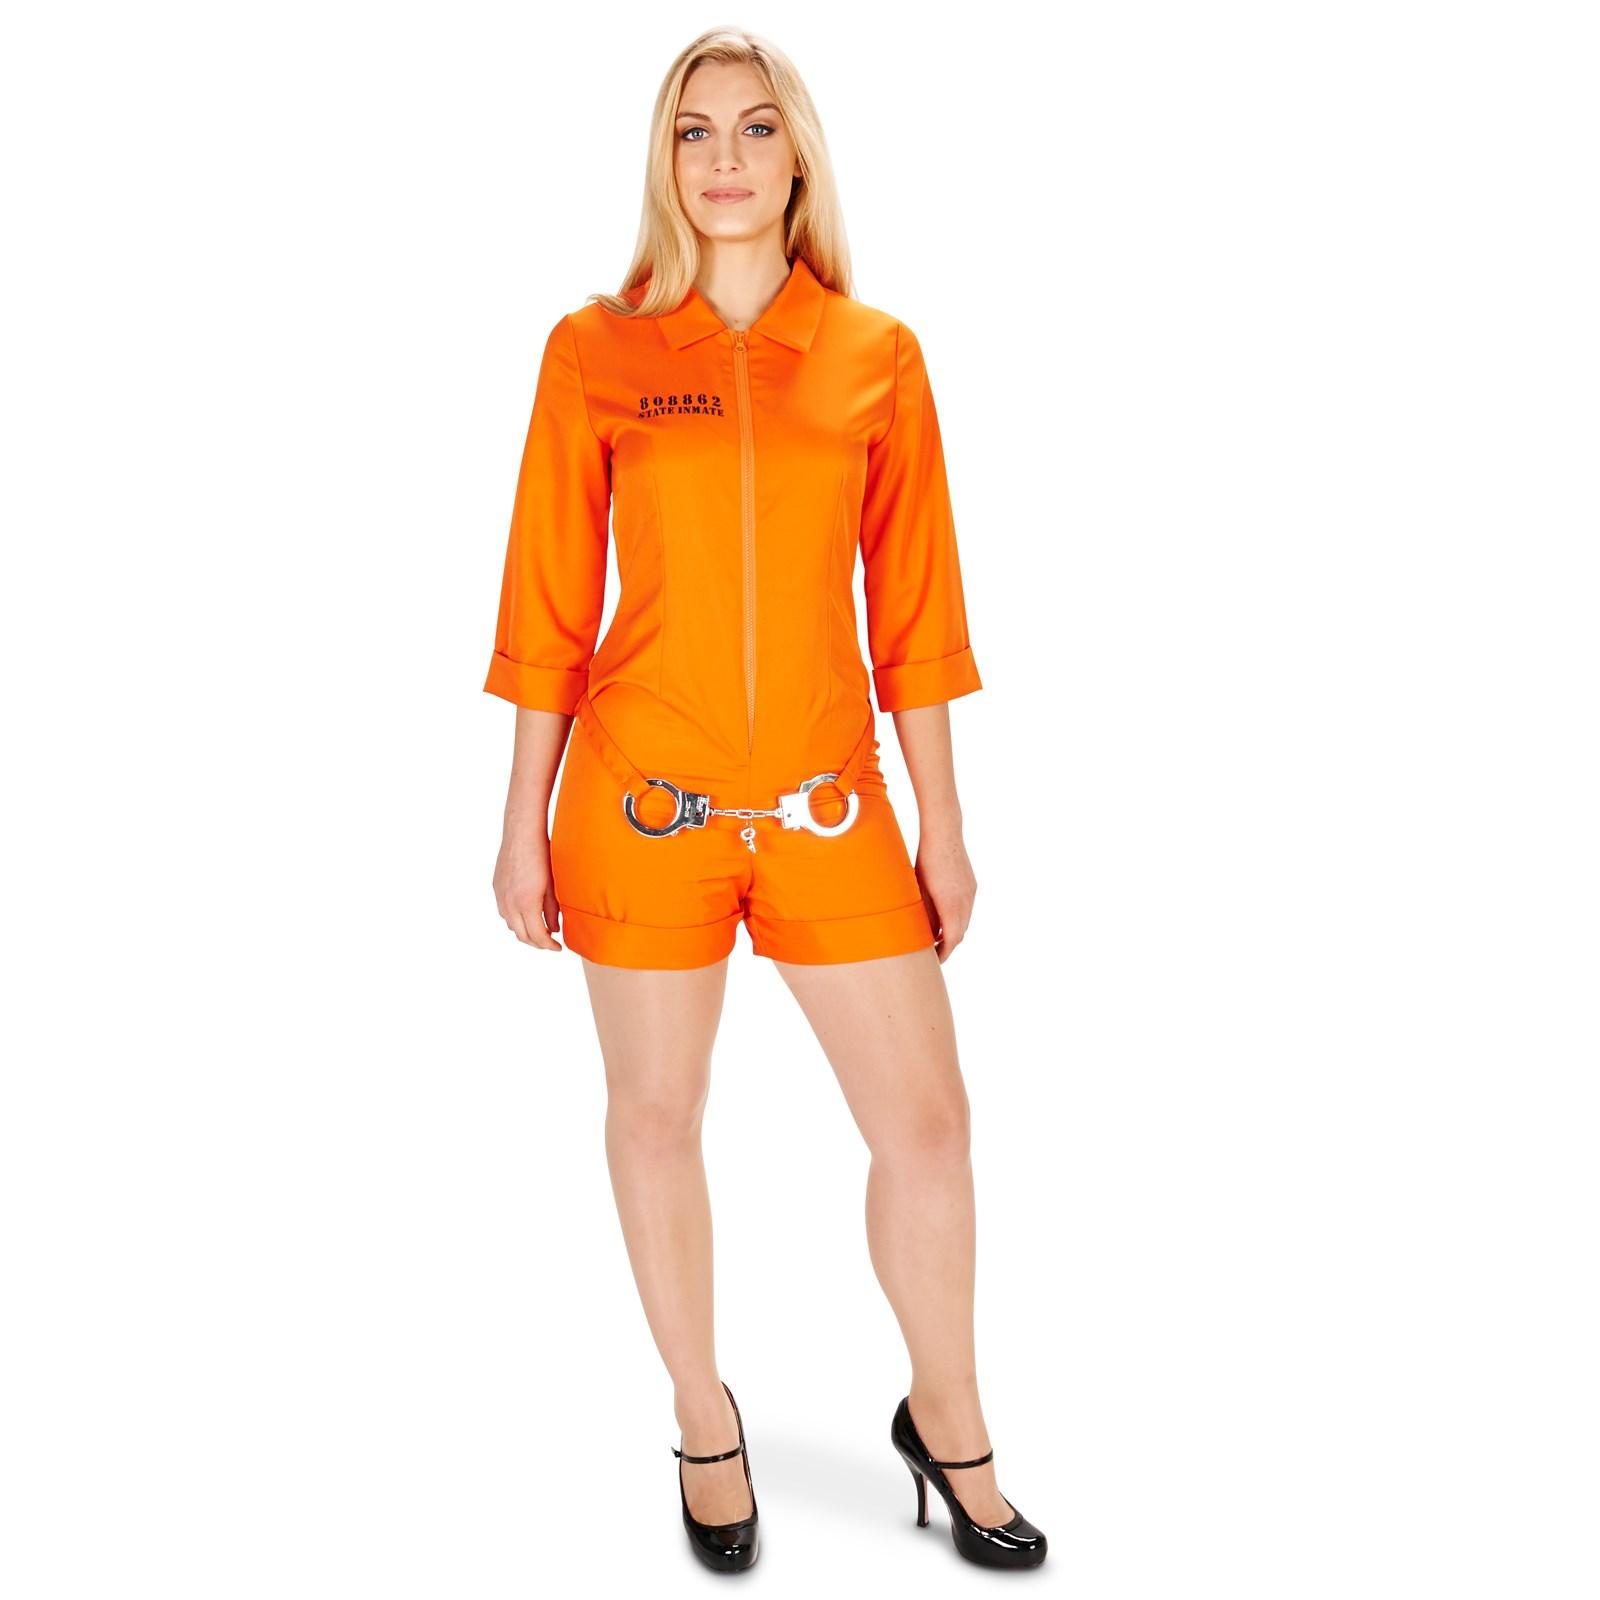 Orange Prisoner Jumpsuit Adult Costume | BuyCostumes.com